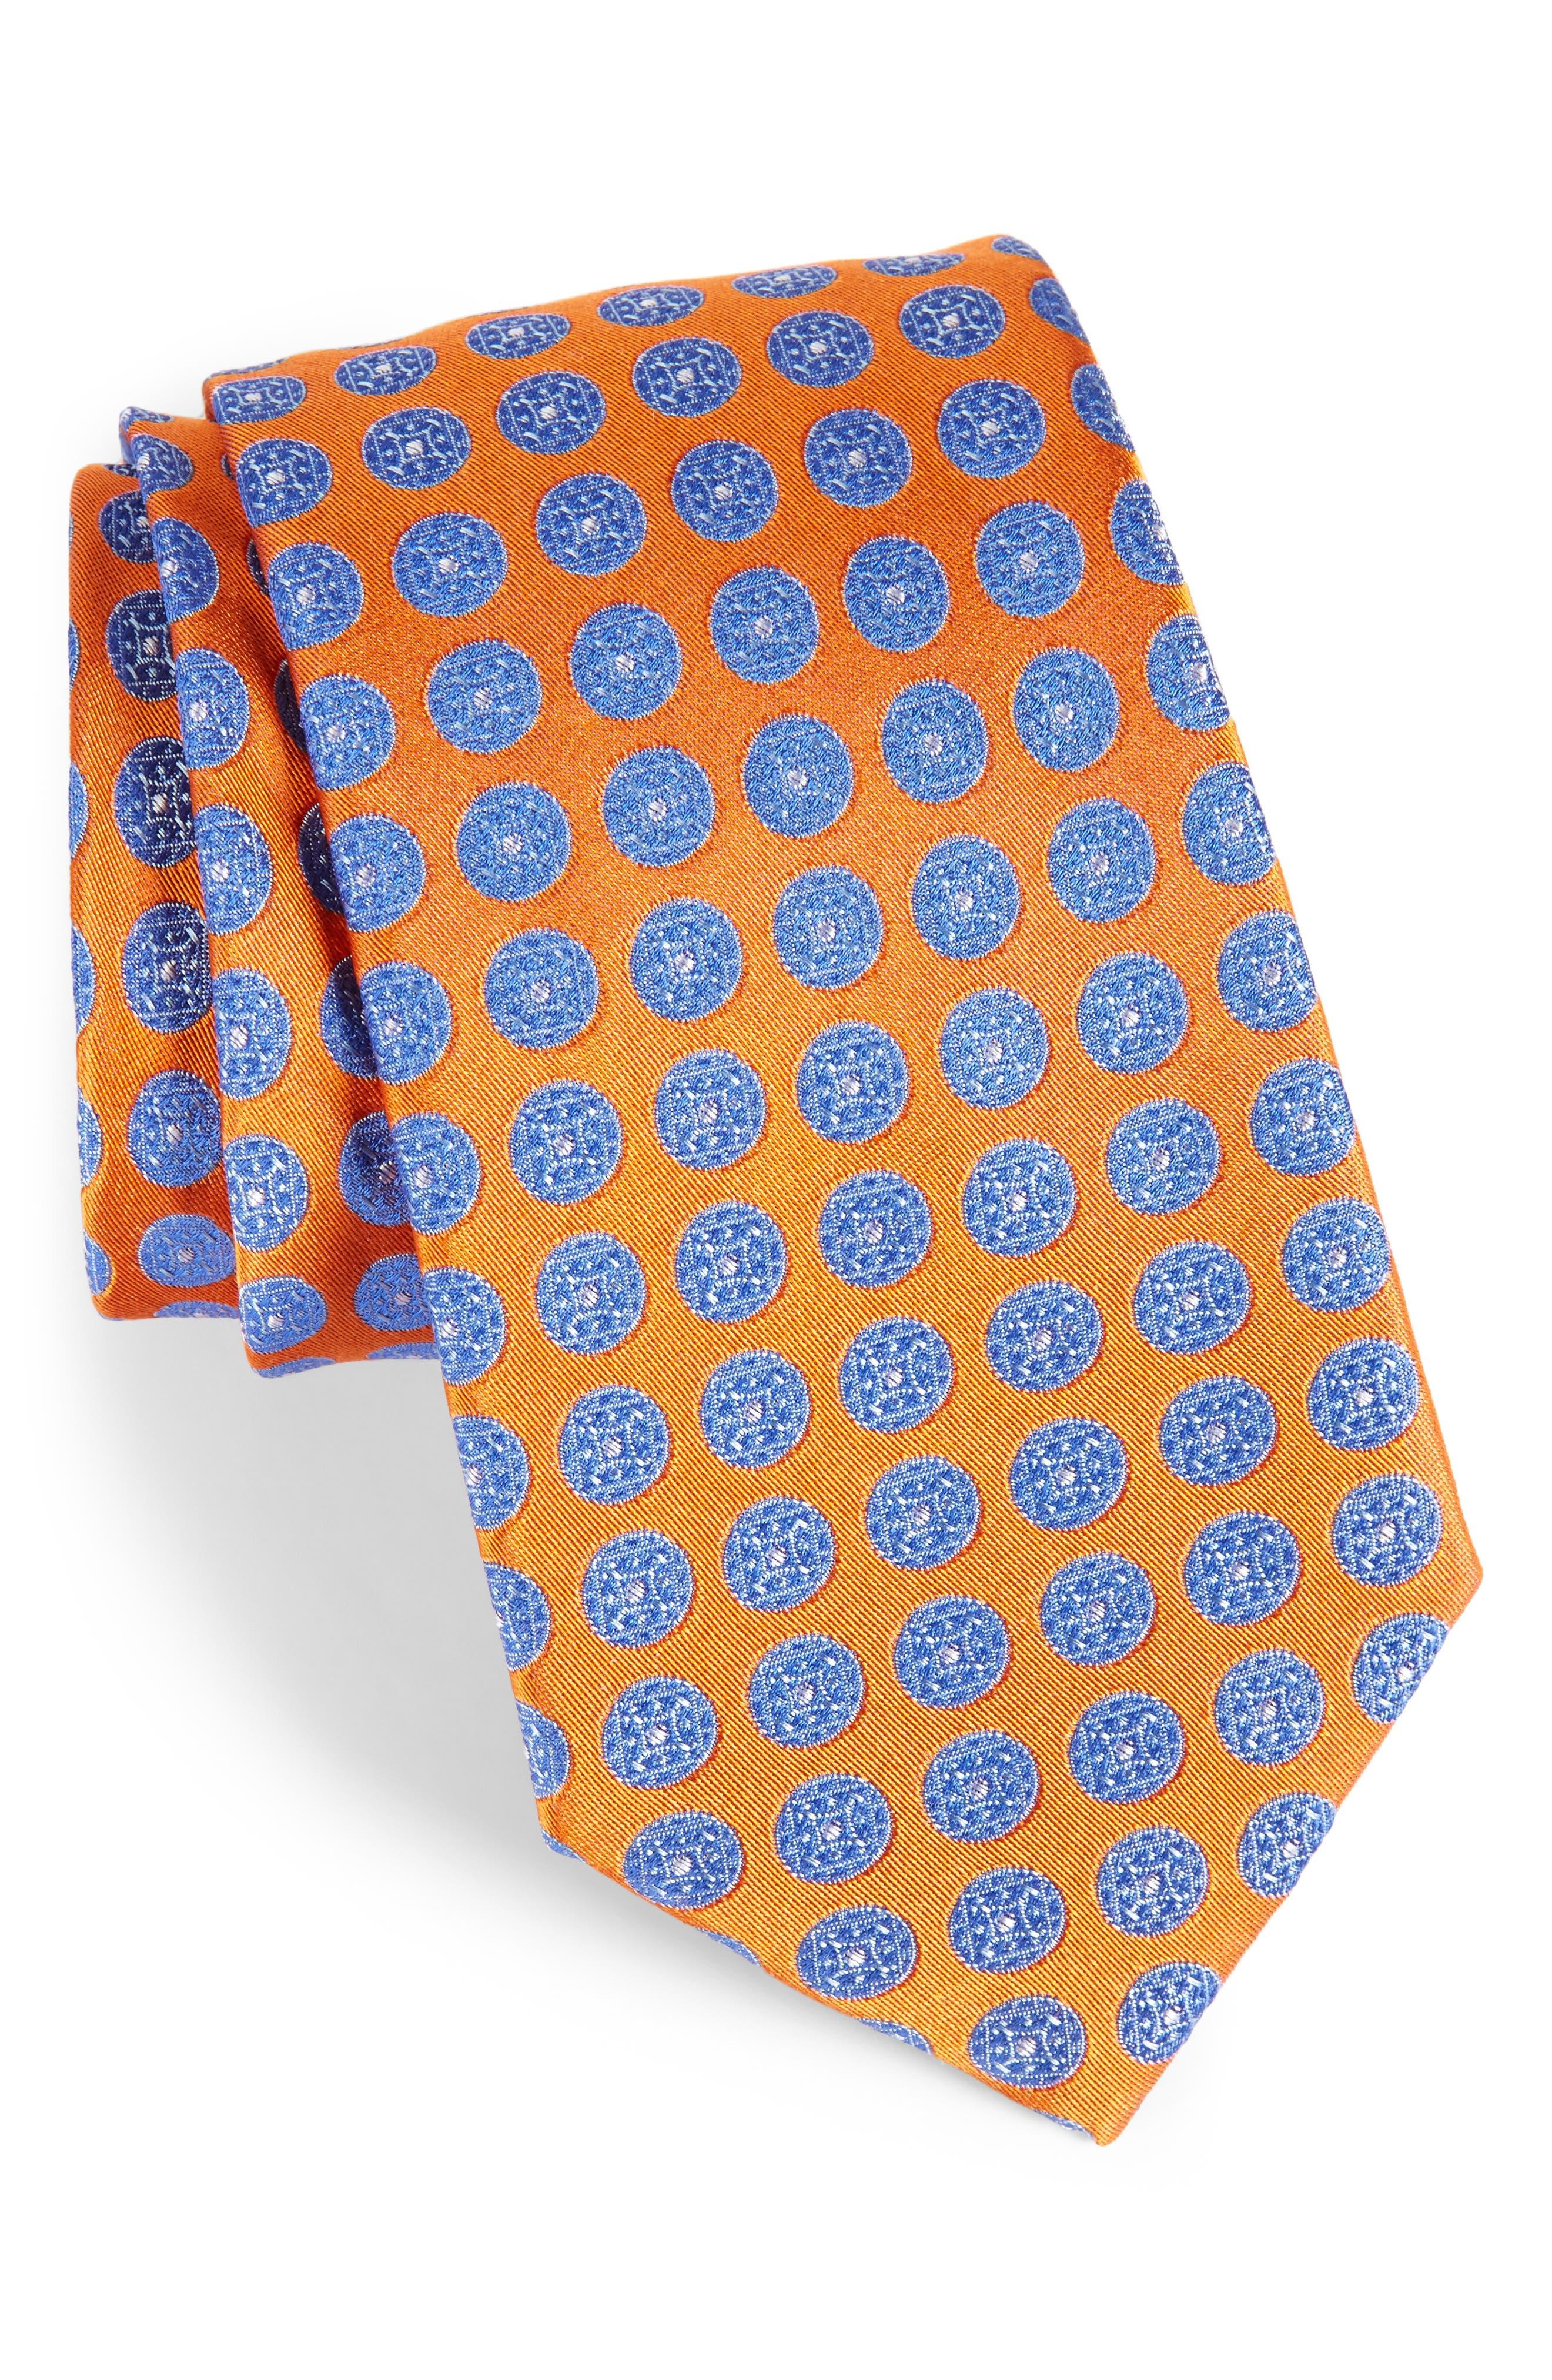 Main Image - Nordstrom Men's Shop Carlos Medallion Silk Tie (X-Long)